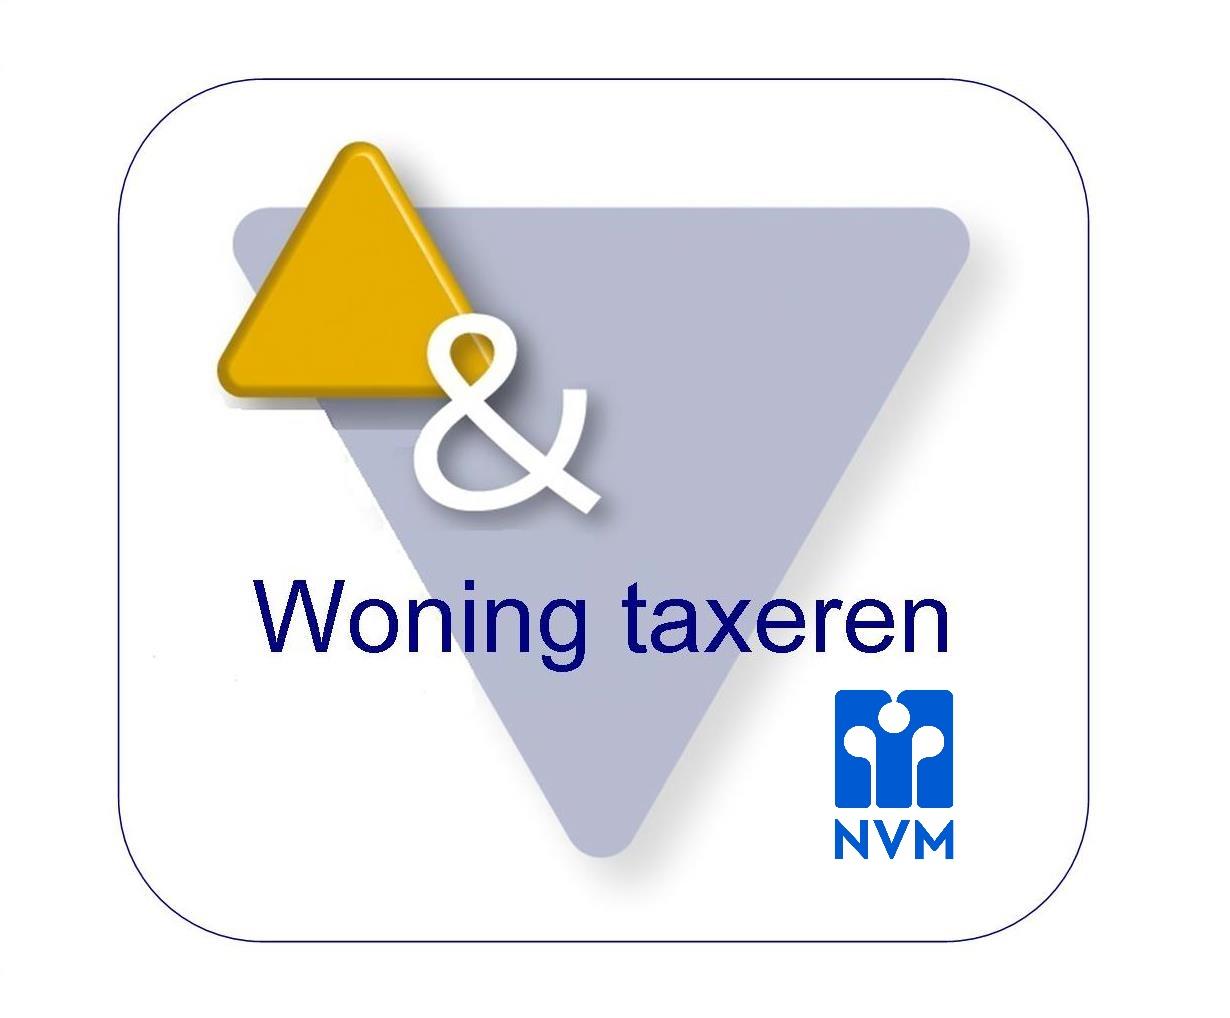 Arns & de Leeuw Makelaars - Lingewaard - Overbetuwe - Arnhem – Nijmegen - Huissen - Bemmel - Angeren - Gendt - Haalderen - woning verkopen - woning kopen - woning taxeren - woningtaxatie - verkoopmakelaar – aankoopmakelaar